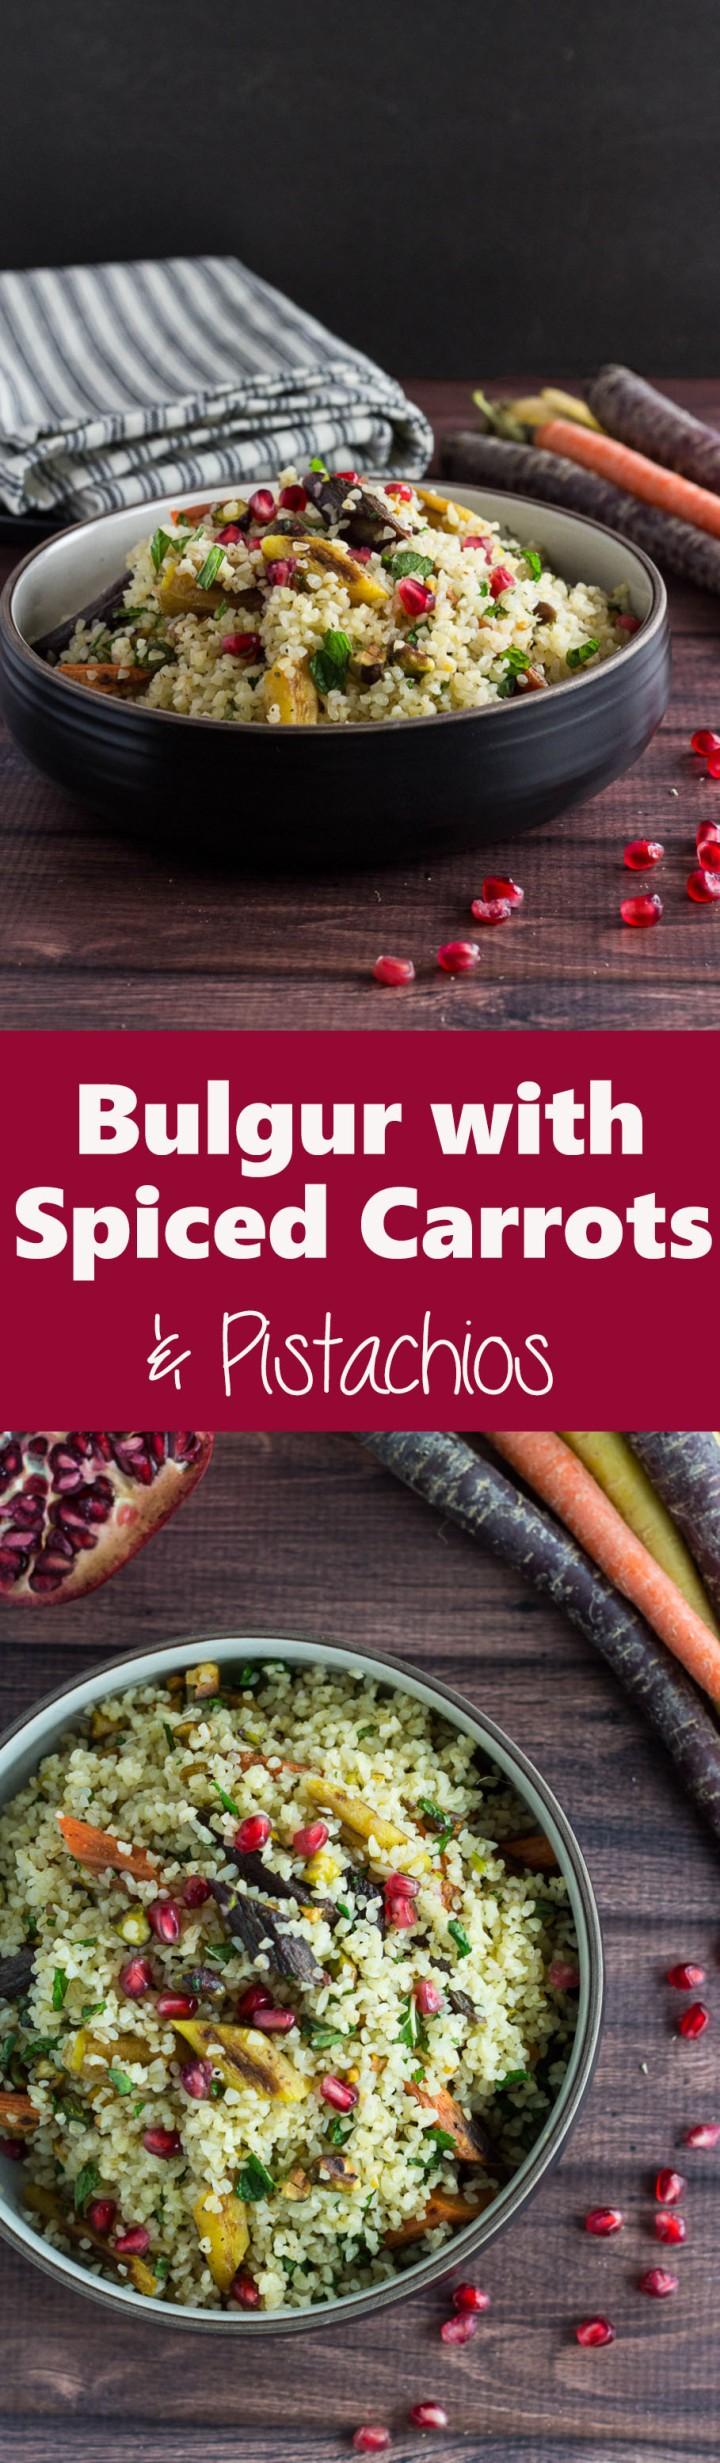 Bulgur with Spiced Carrots & Pistachios